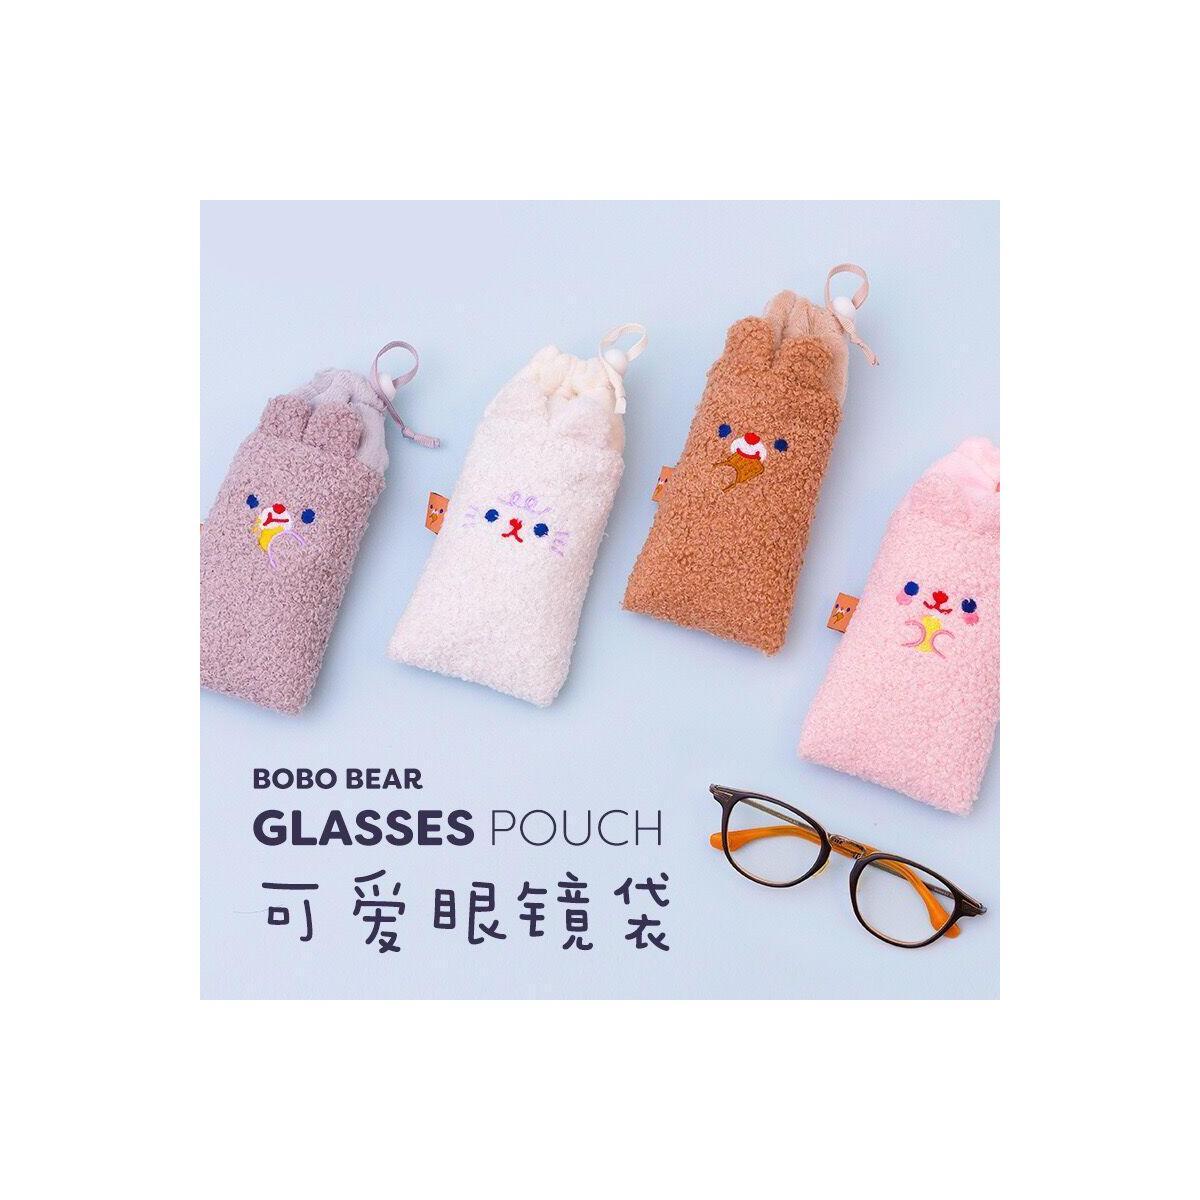 Cute Plush Bear Eye Glasses Travel Pouch, Brown